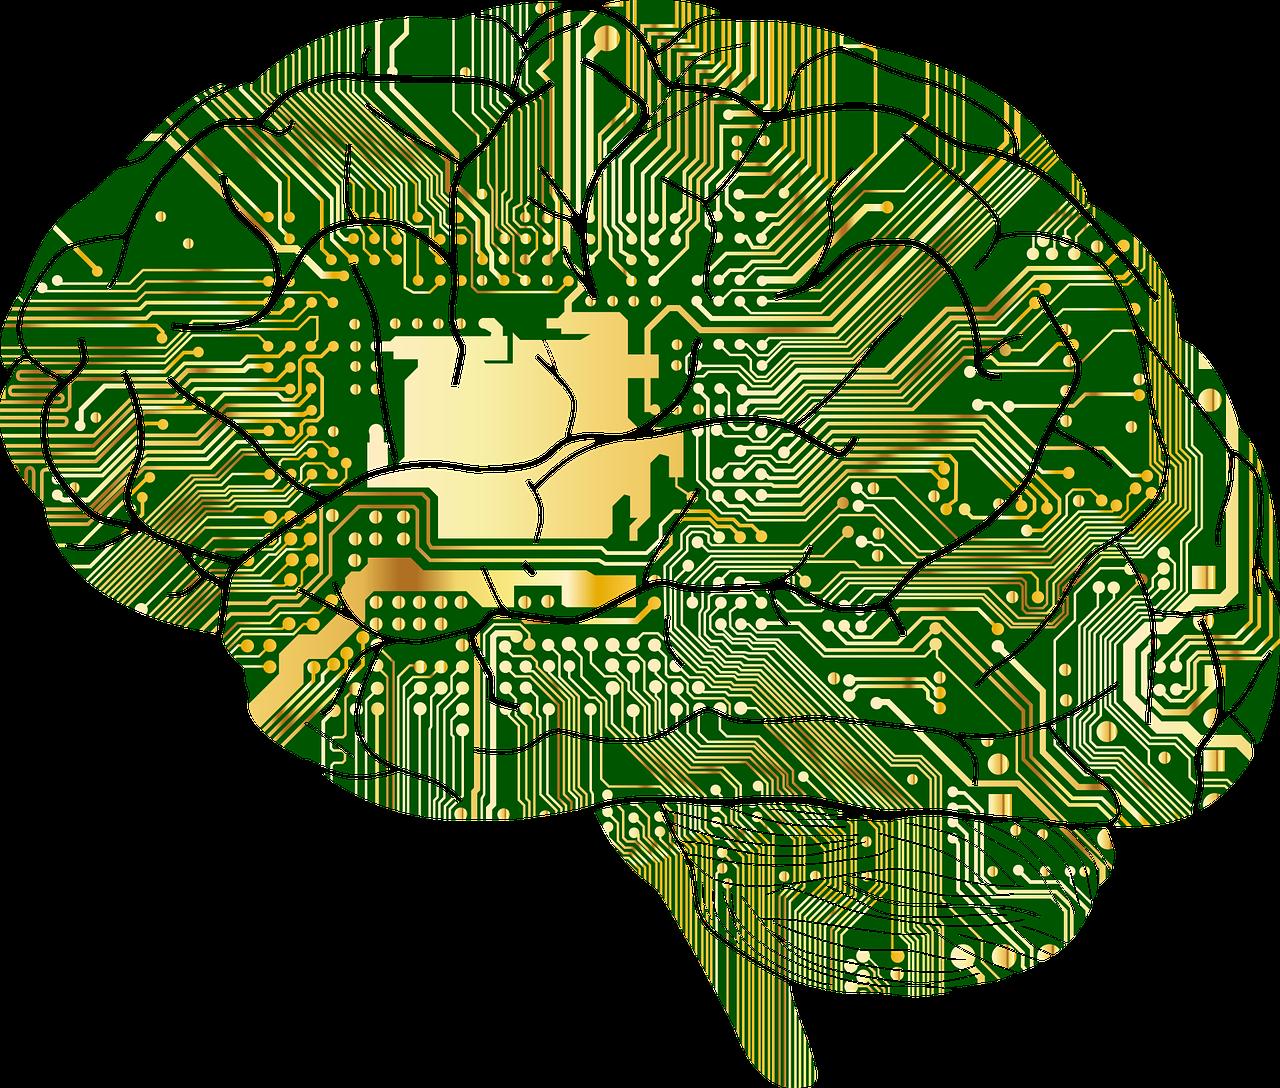 実際のところ、AIで拷問は変わるのか